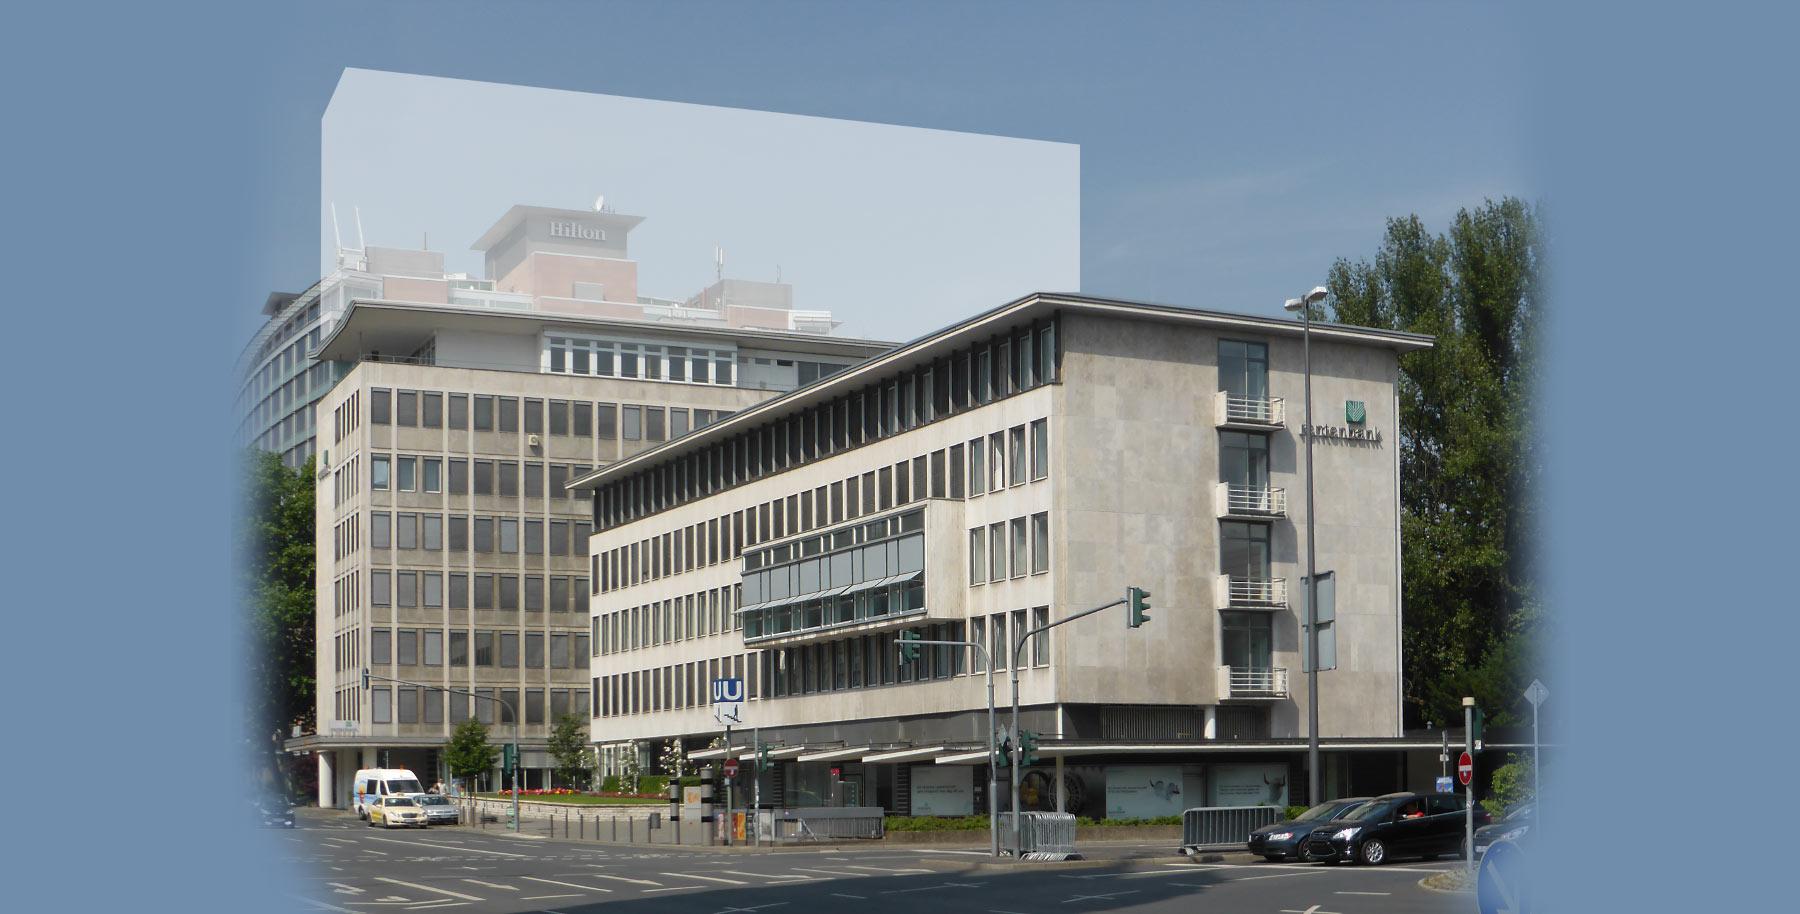 New building of Landwirtschaftliche Rentenbank in Frankfurt